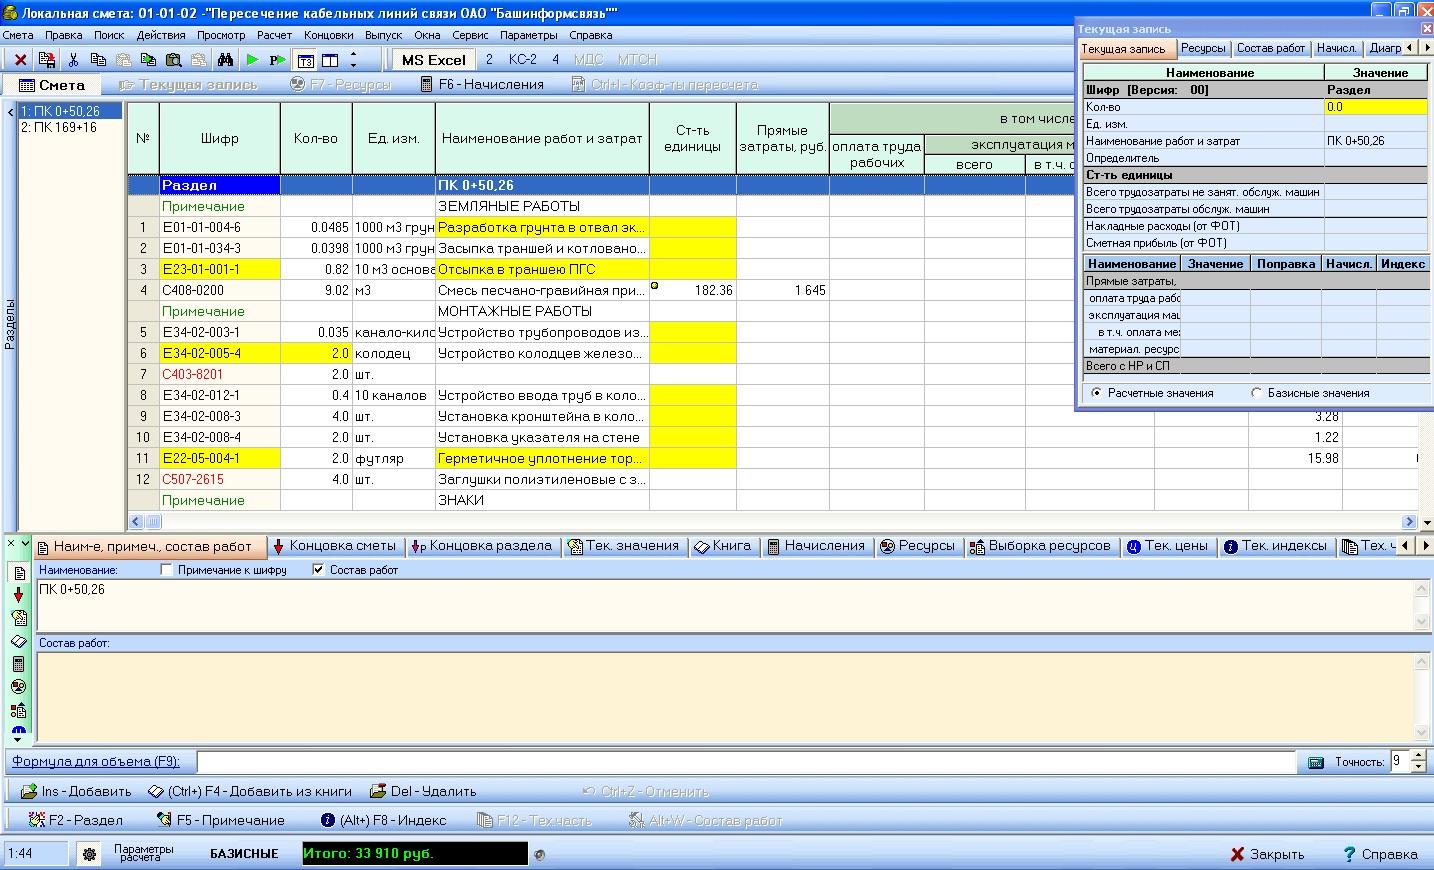 Скачать пробную версию программы смета программа архивный фонд скачать бесплатно